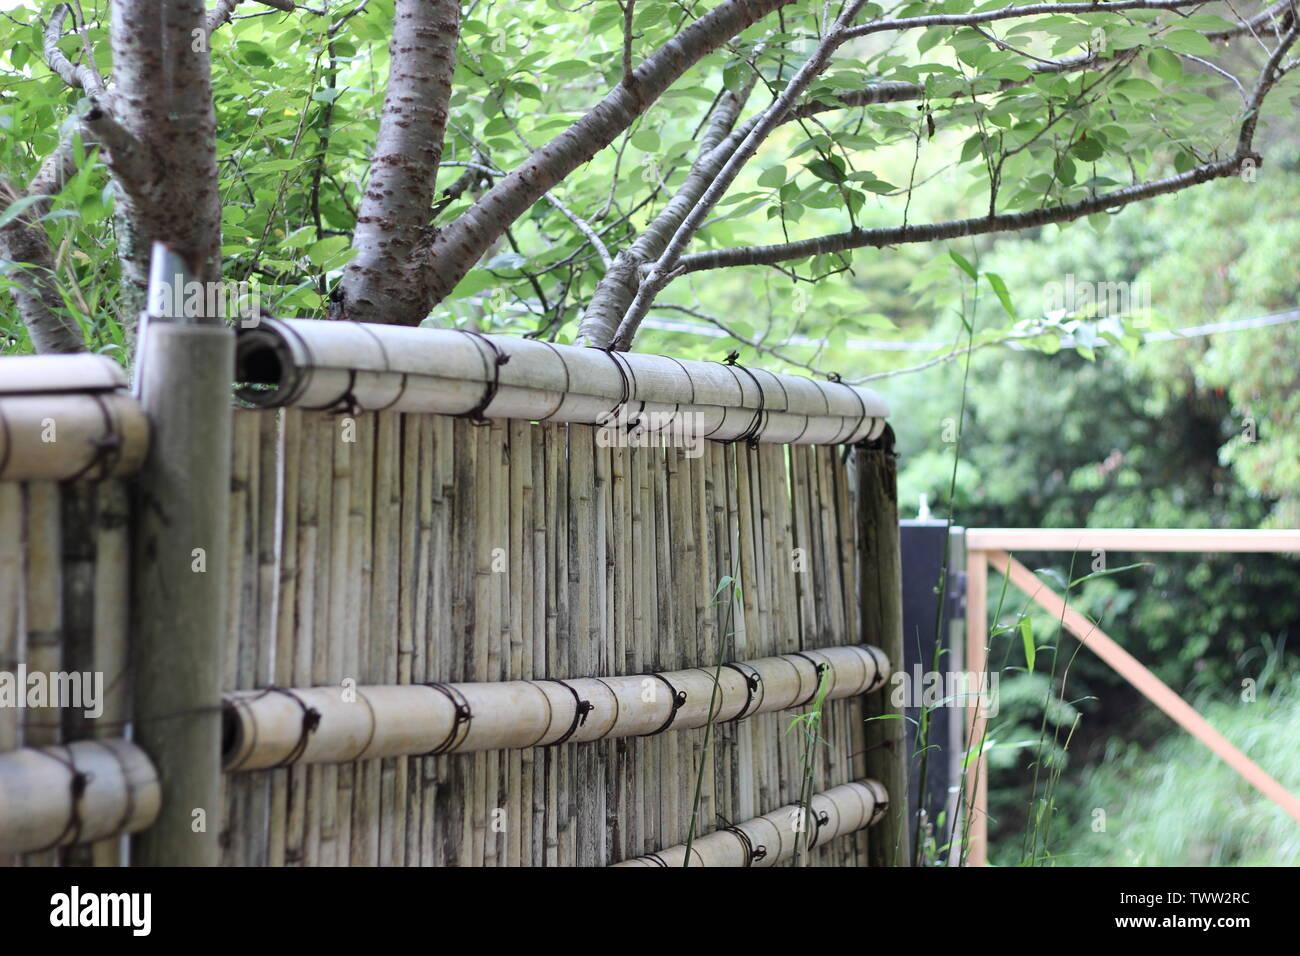 decorative bamboo fence stock photo image of ancient.htm japanese bamboo fence stock photos   japanese bamboo fence stock  japanese bamboo fence stock photos